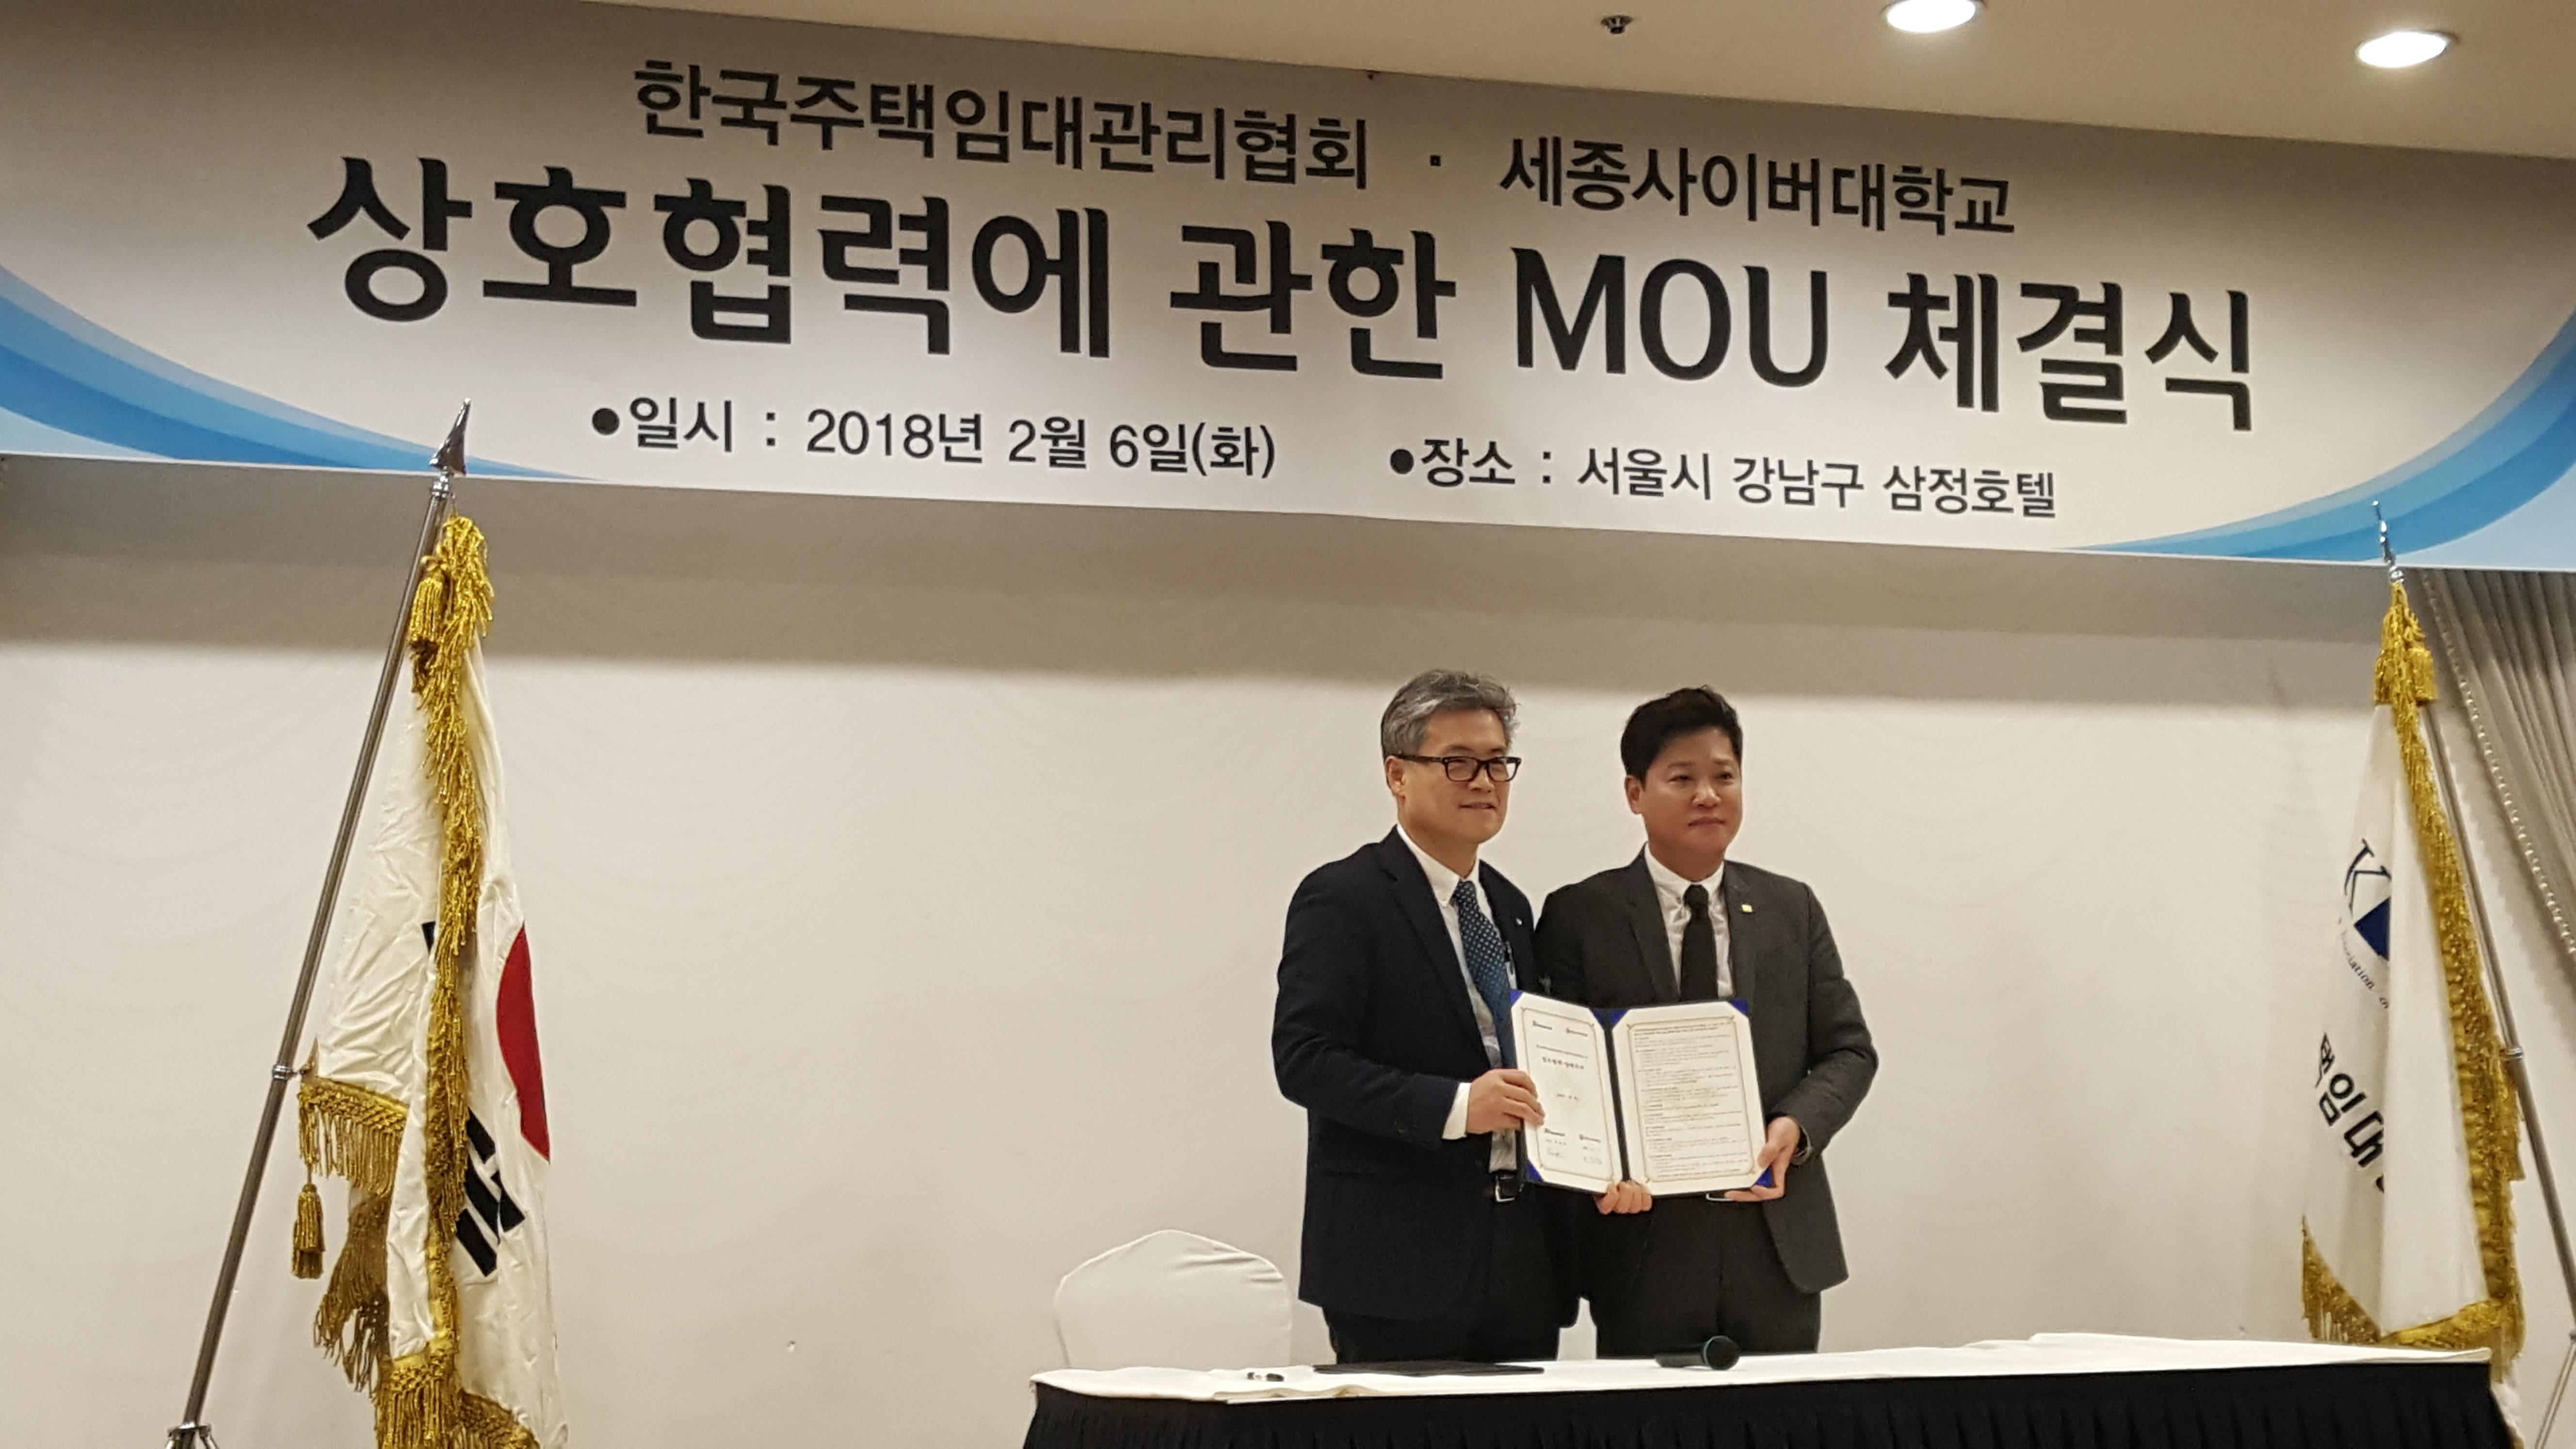 한국주택임대관리협회와 협약체결 기사입니다.